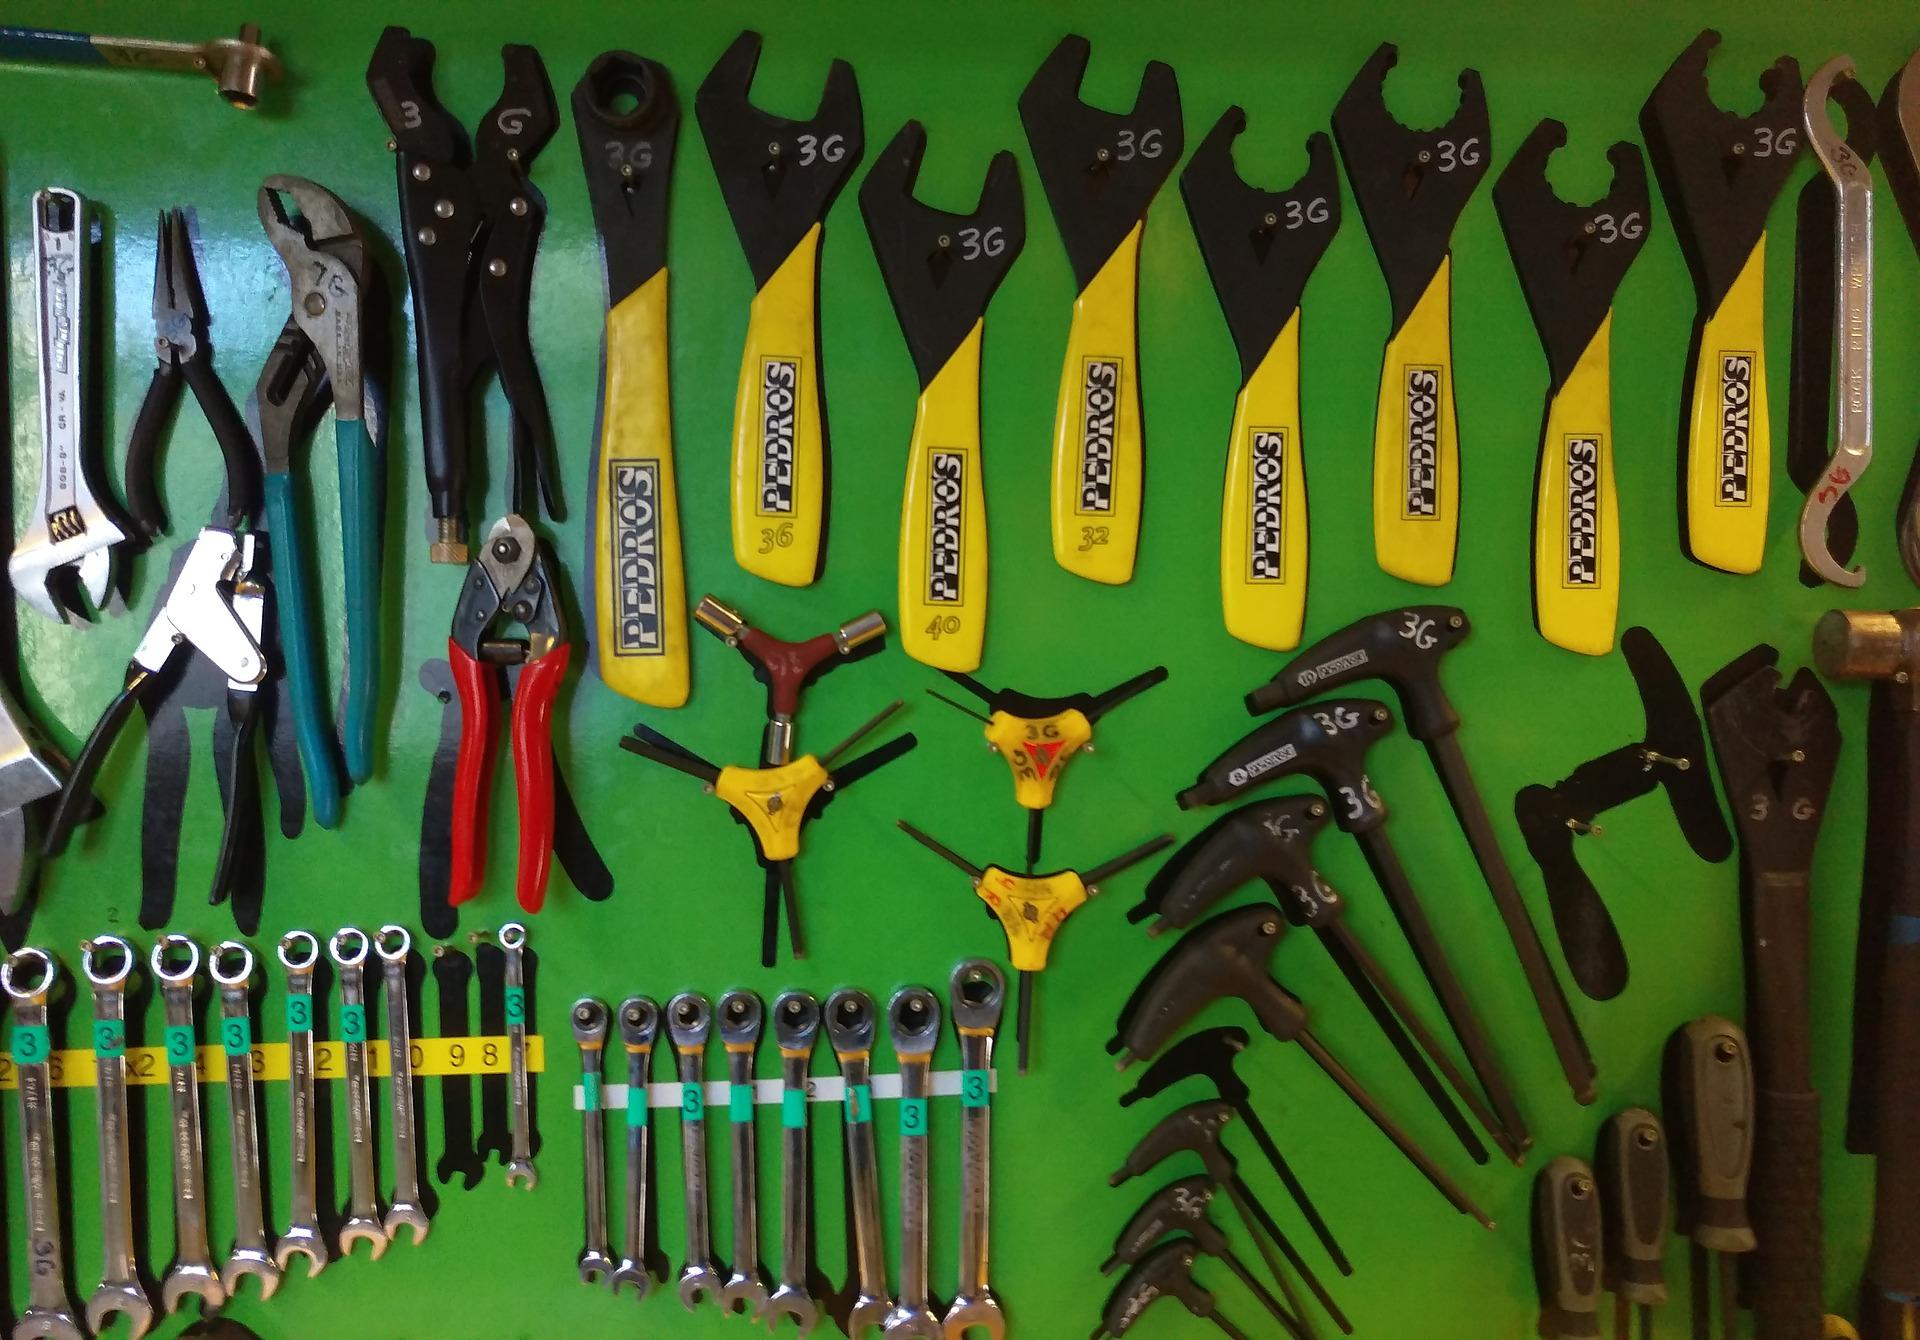 Herramientas para hacer el mantenimiento bicicletas